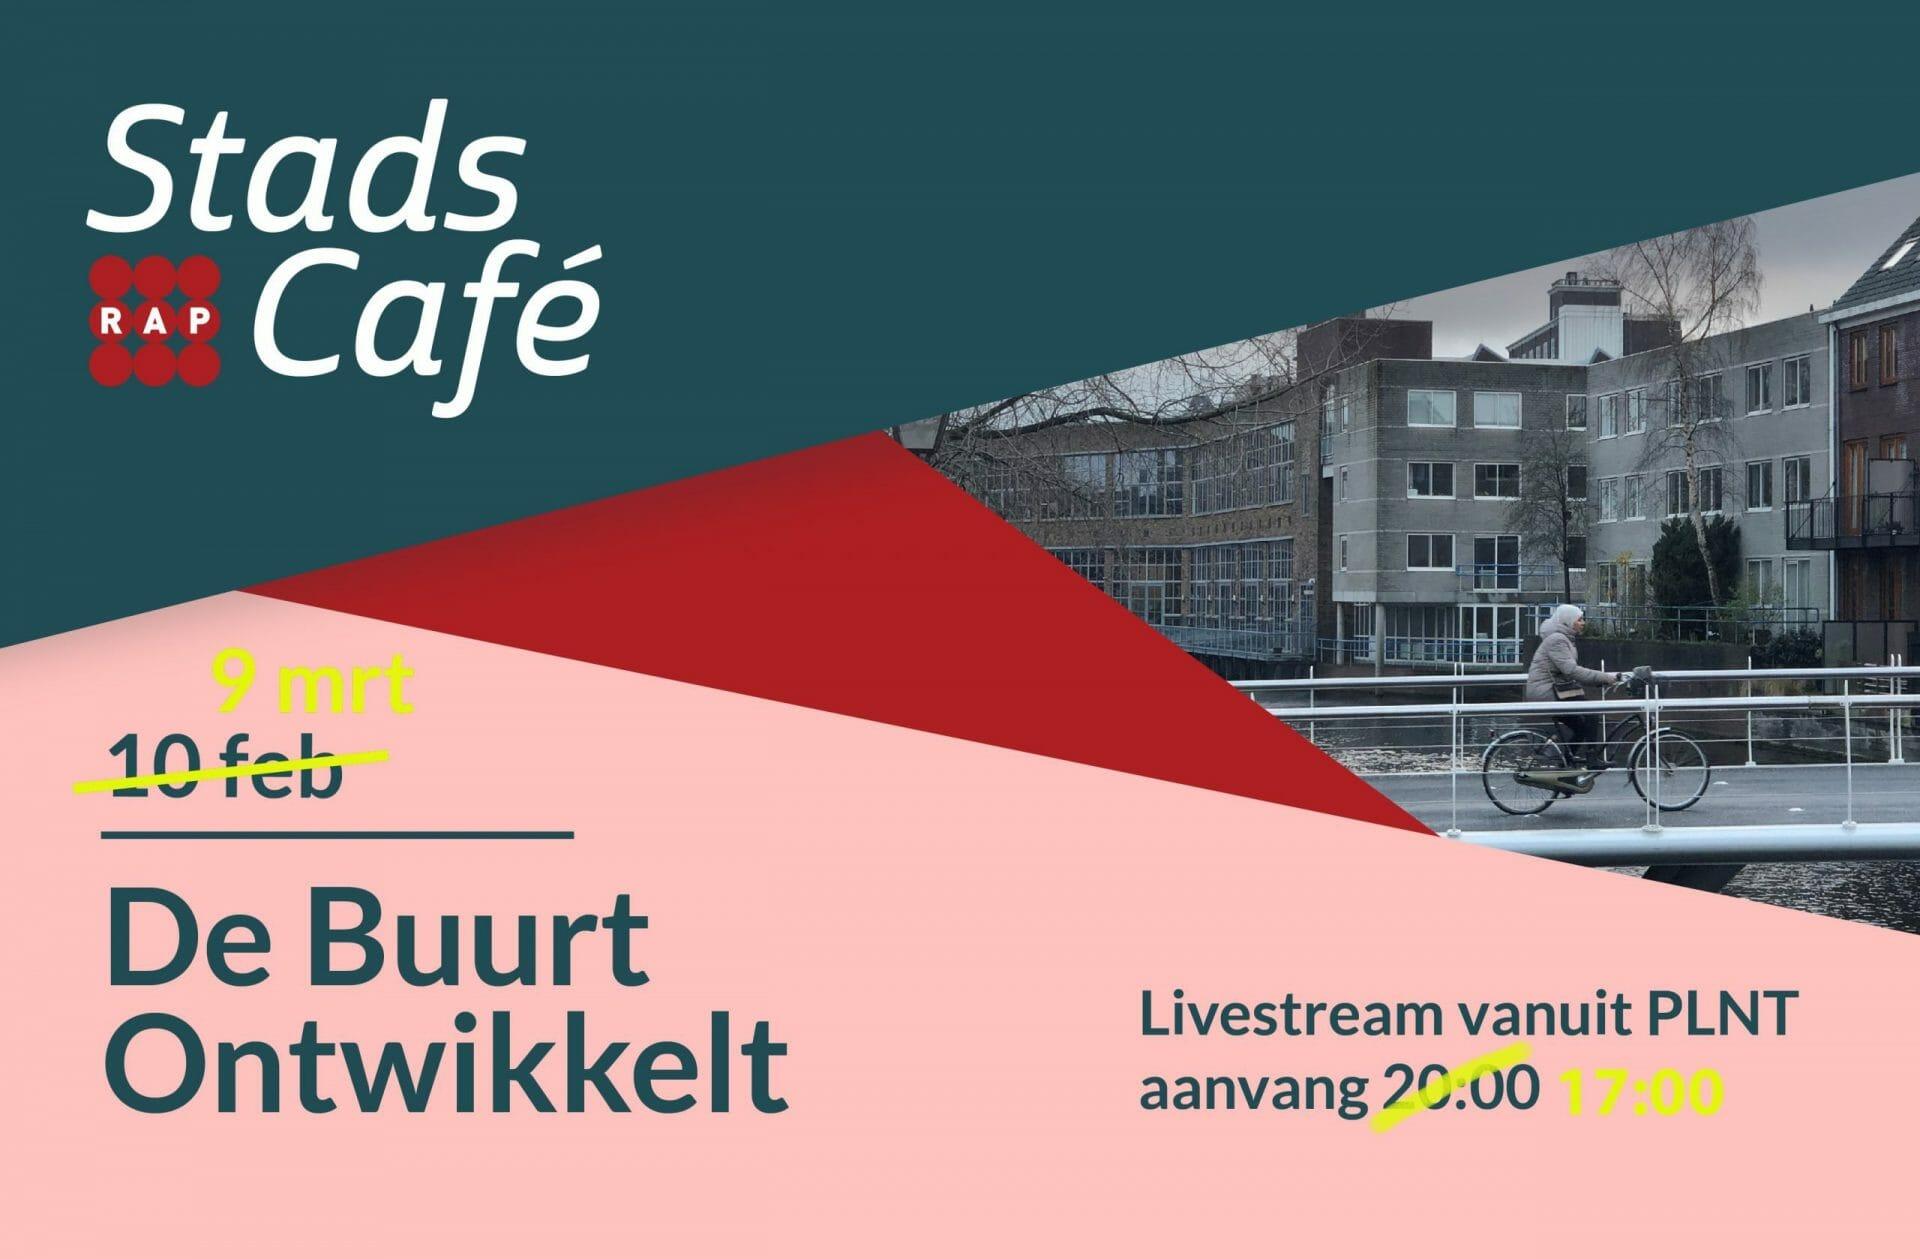 Stadscafé #17 De Buurt Ontwikkelt: over kansen, uitdagingen, urgentie en geduld